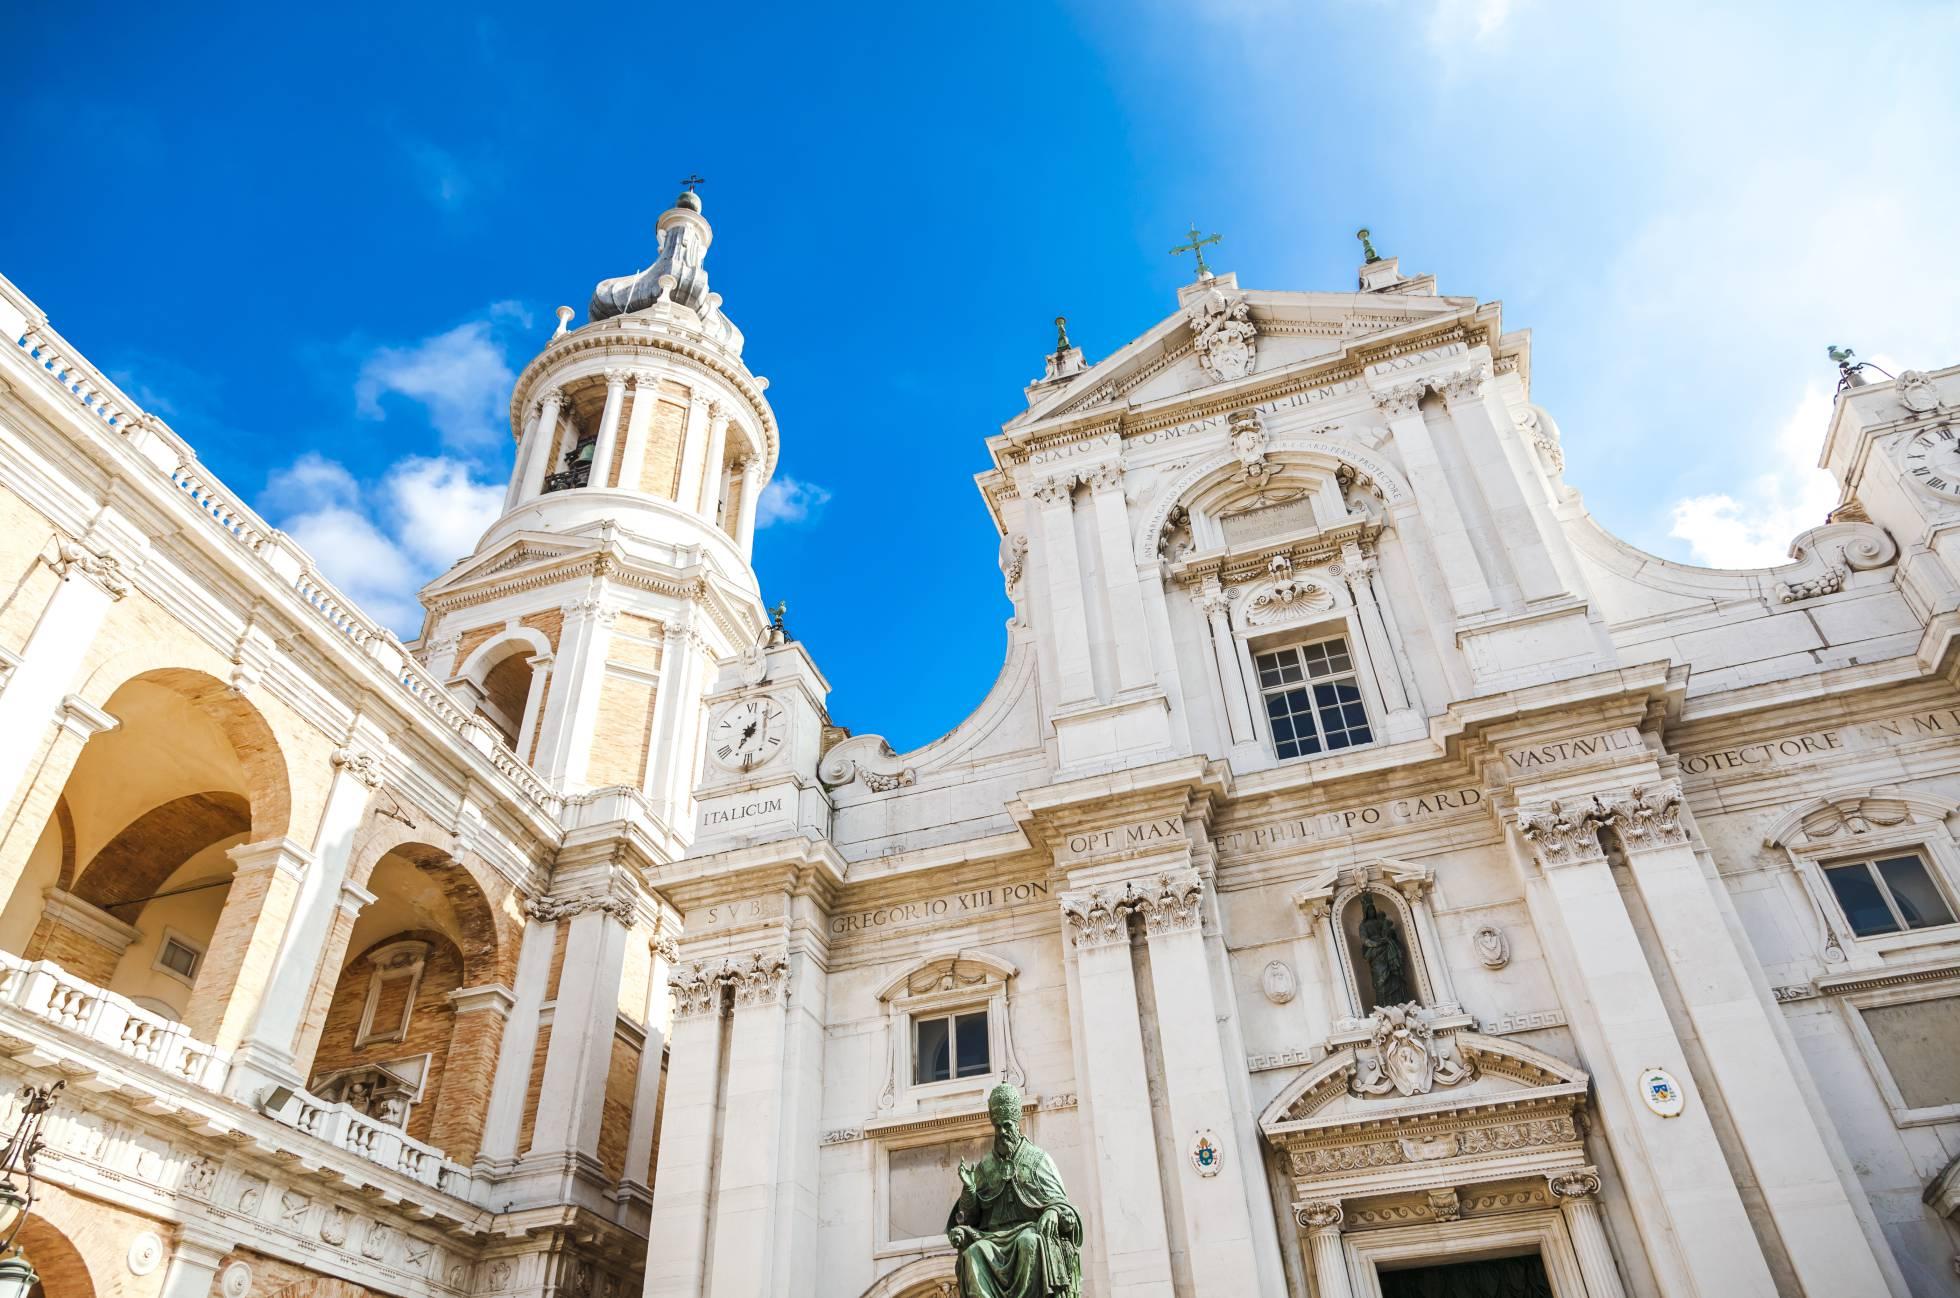 Basílica da Santa Casa em Loreto, no condado italiano de Marche.